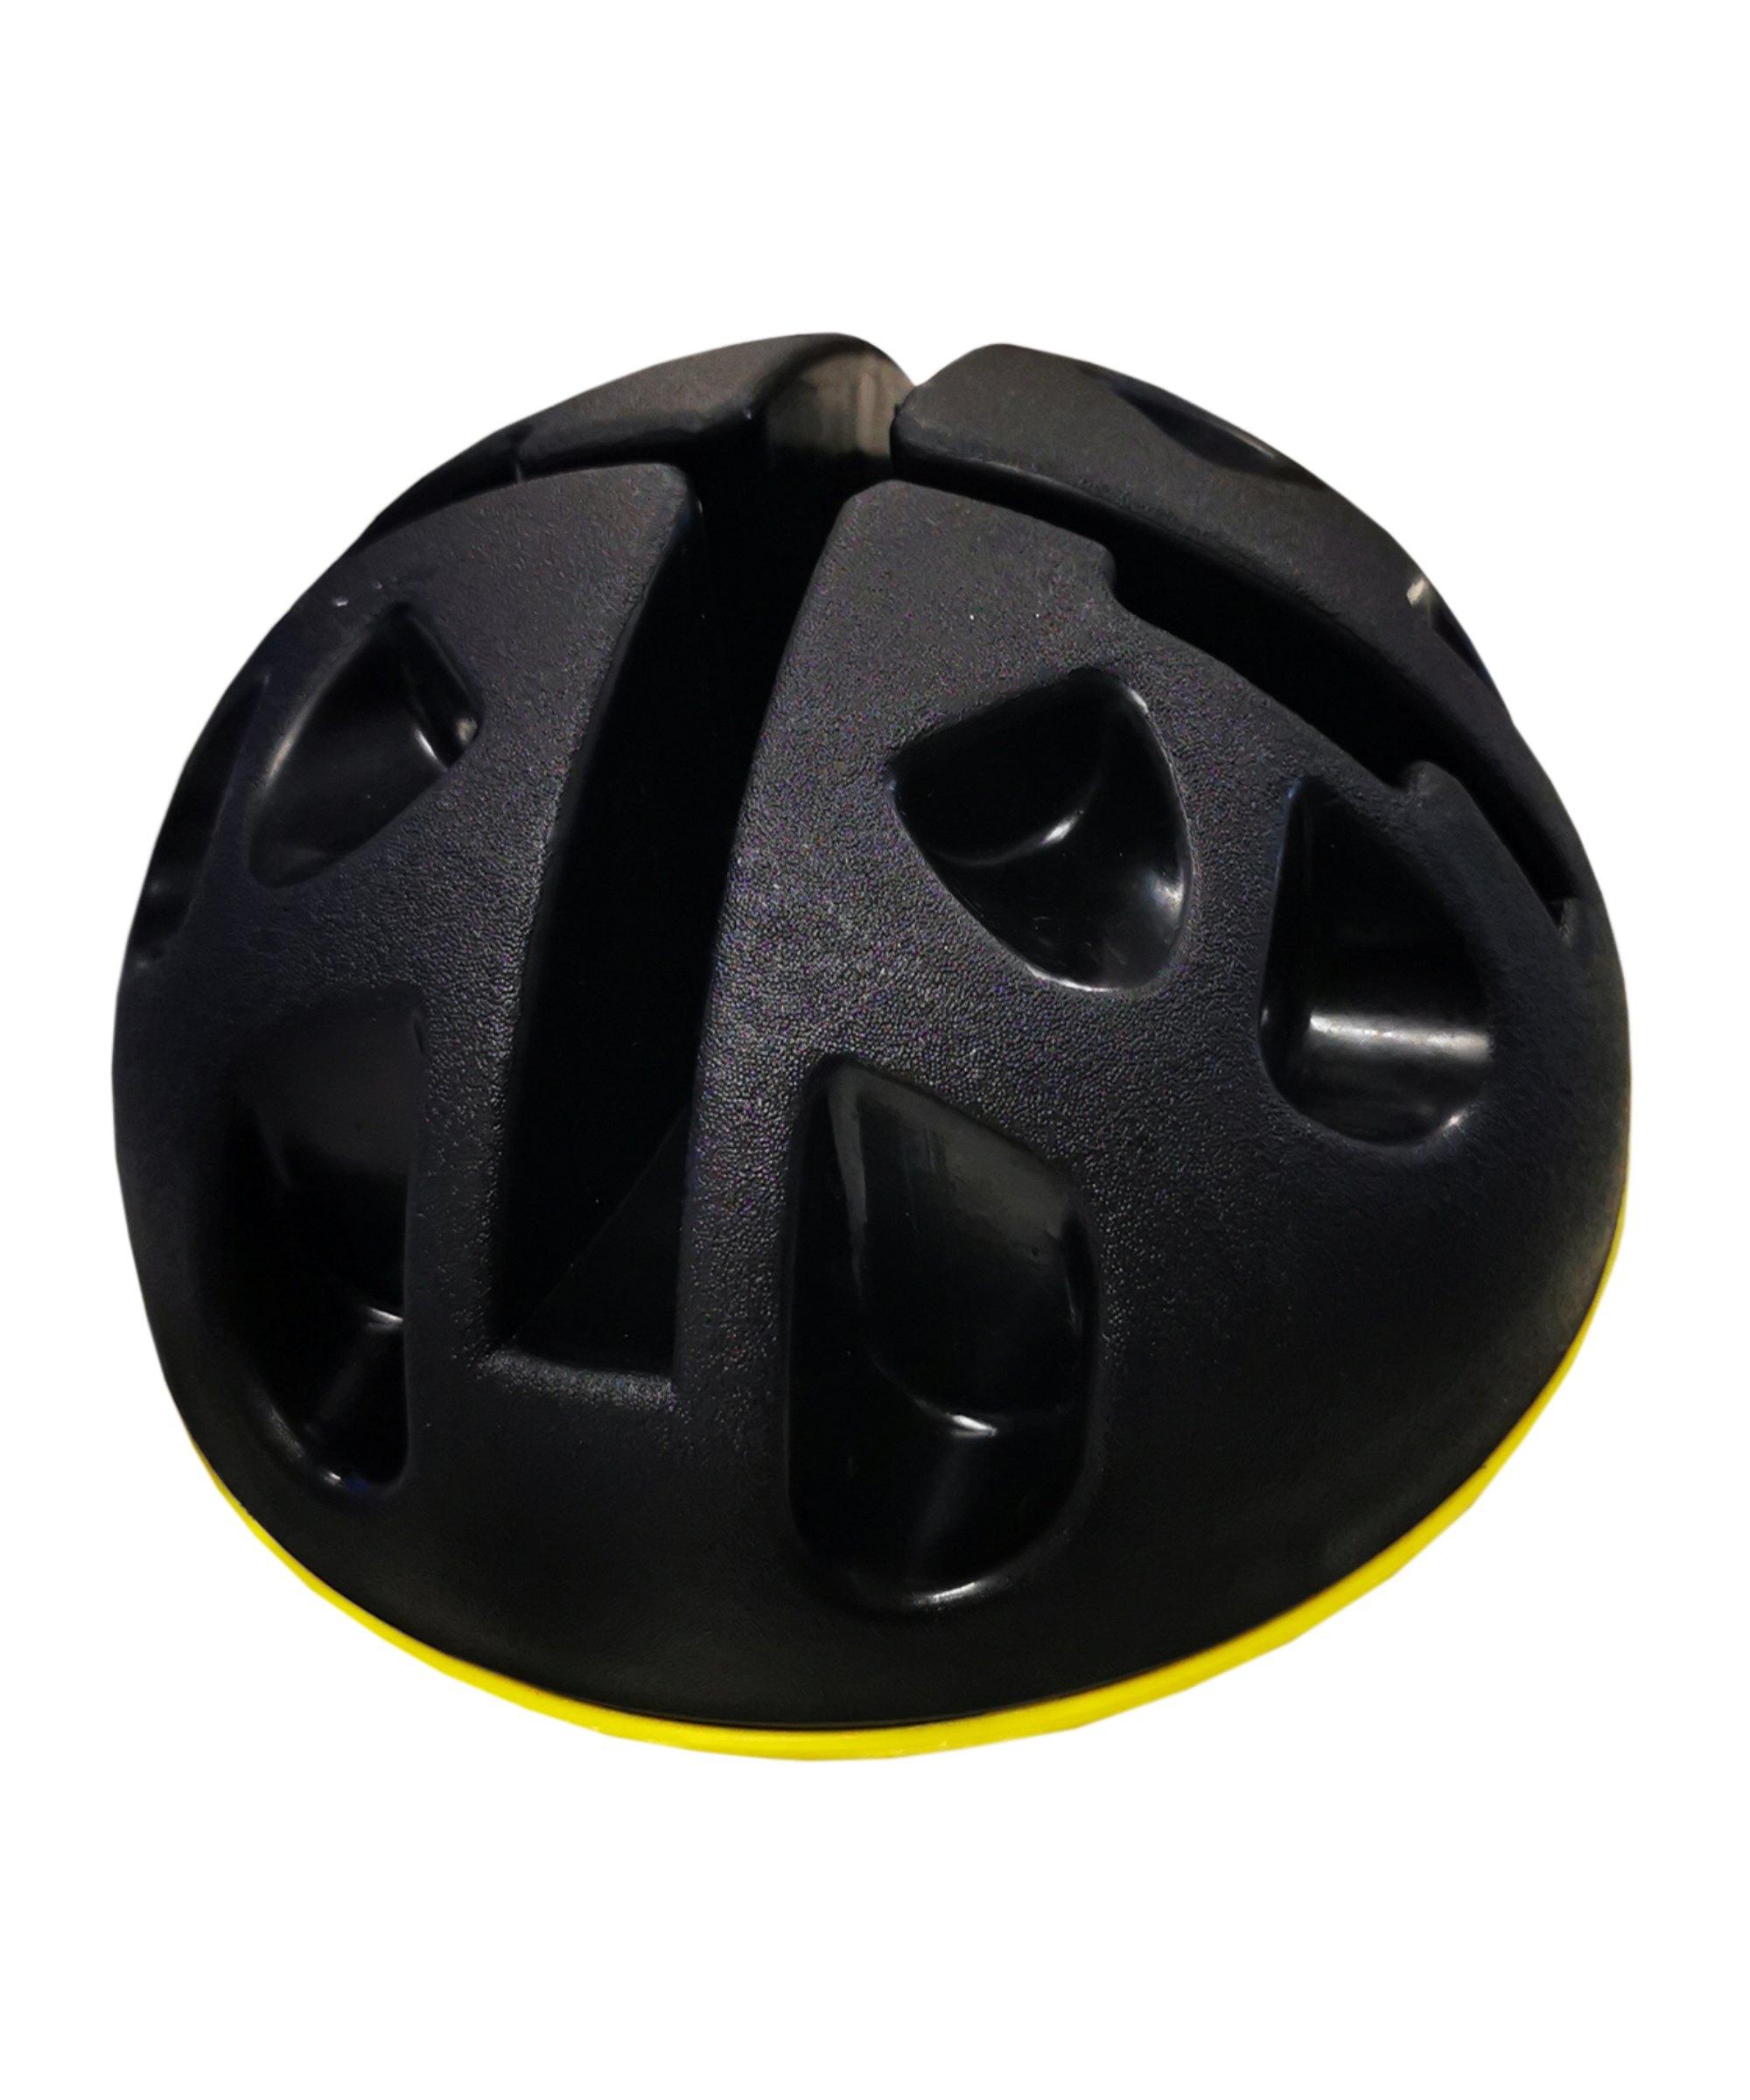 Cawila Hürdenfuss Multi für Stangen mit d25mm Gelb - gelb